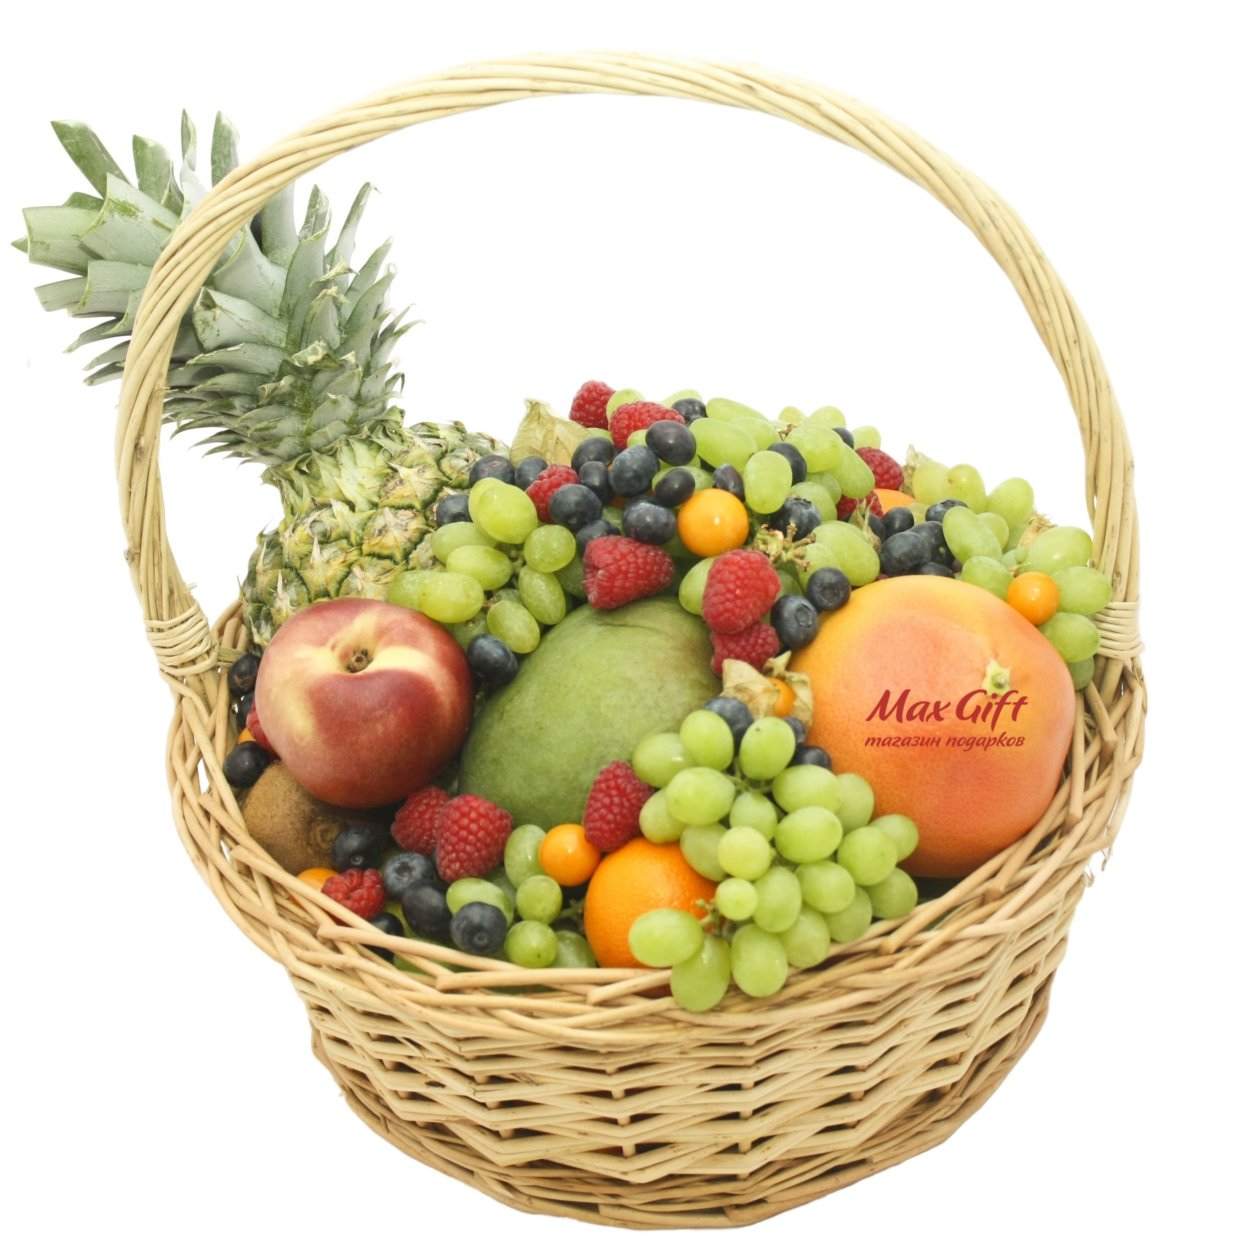 Букеты Фрутто - интернет магазин фруктовых букетов 31